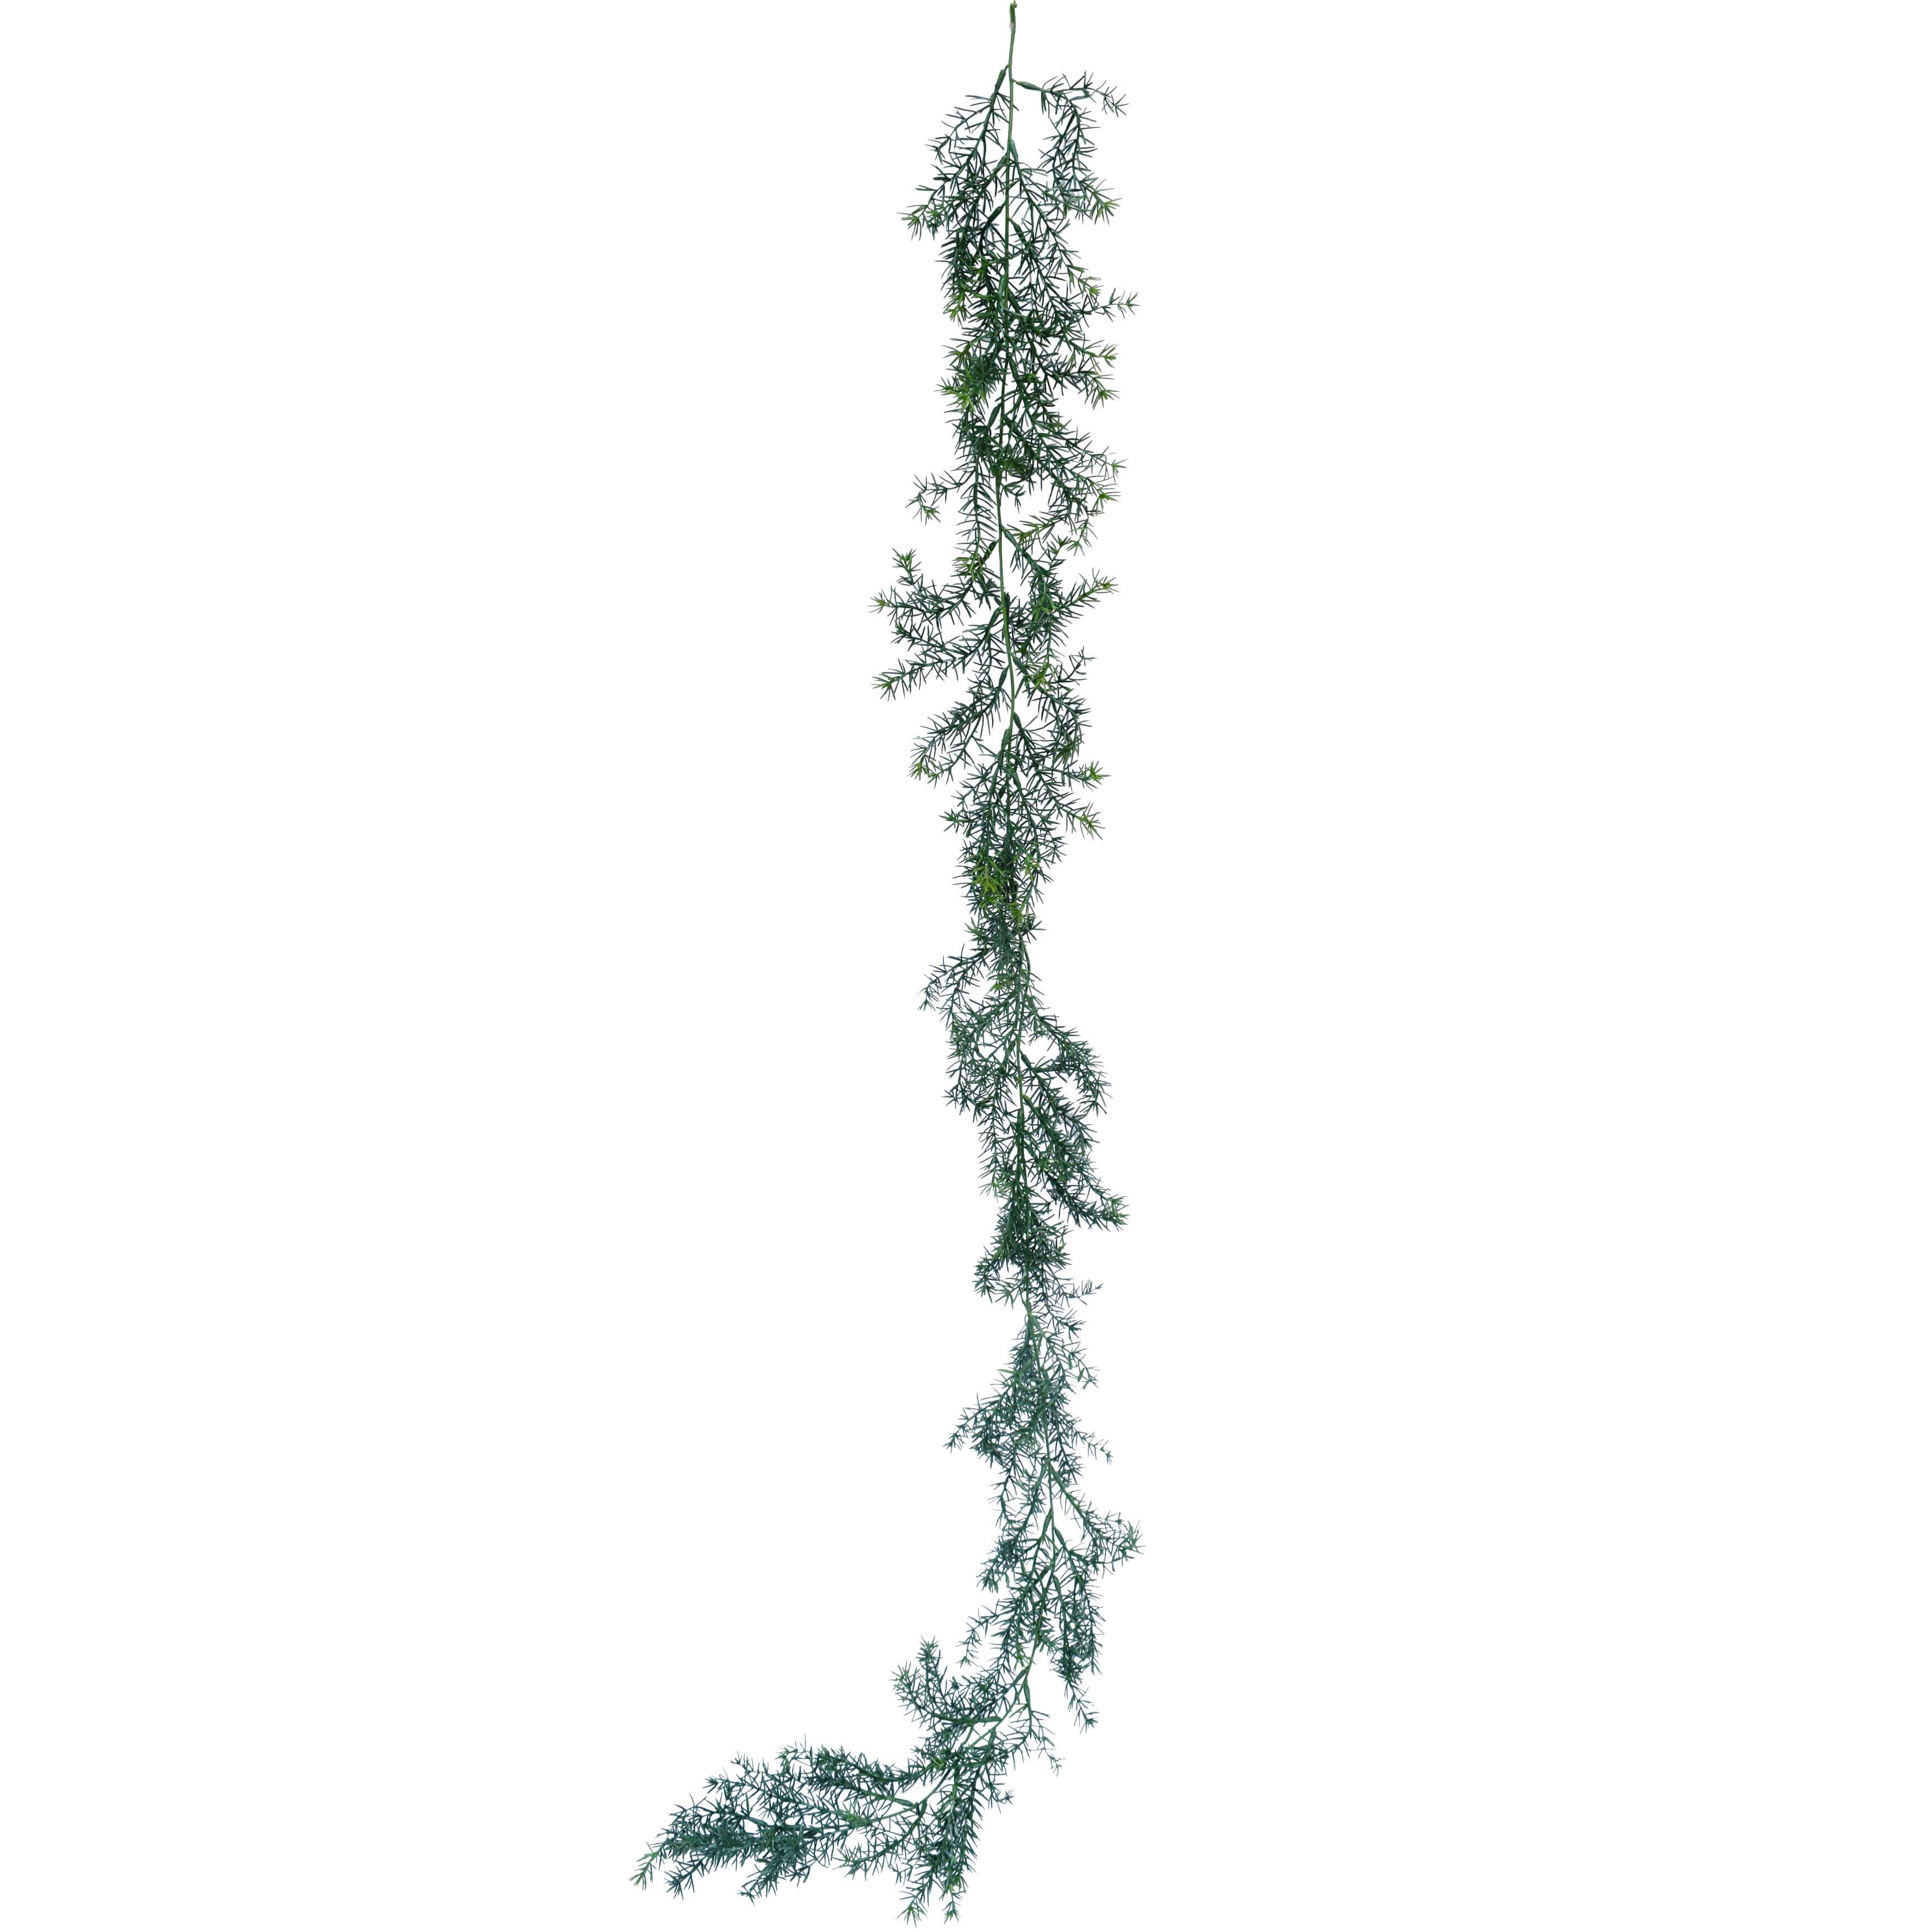 Watergrass-vine2.jpg